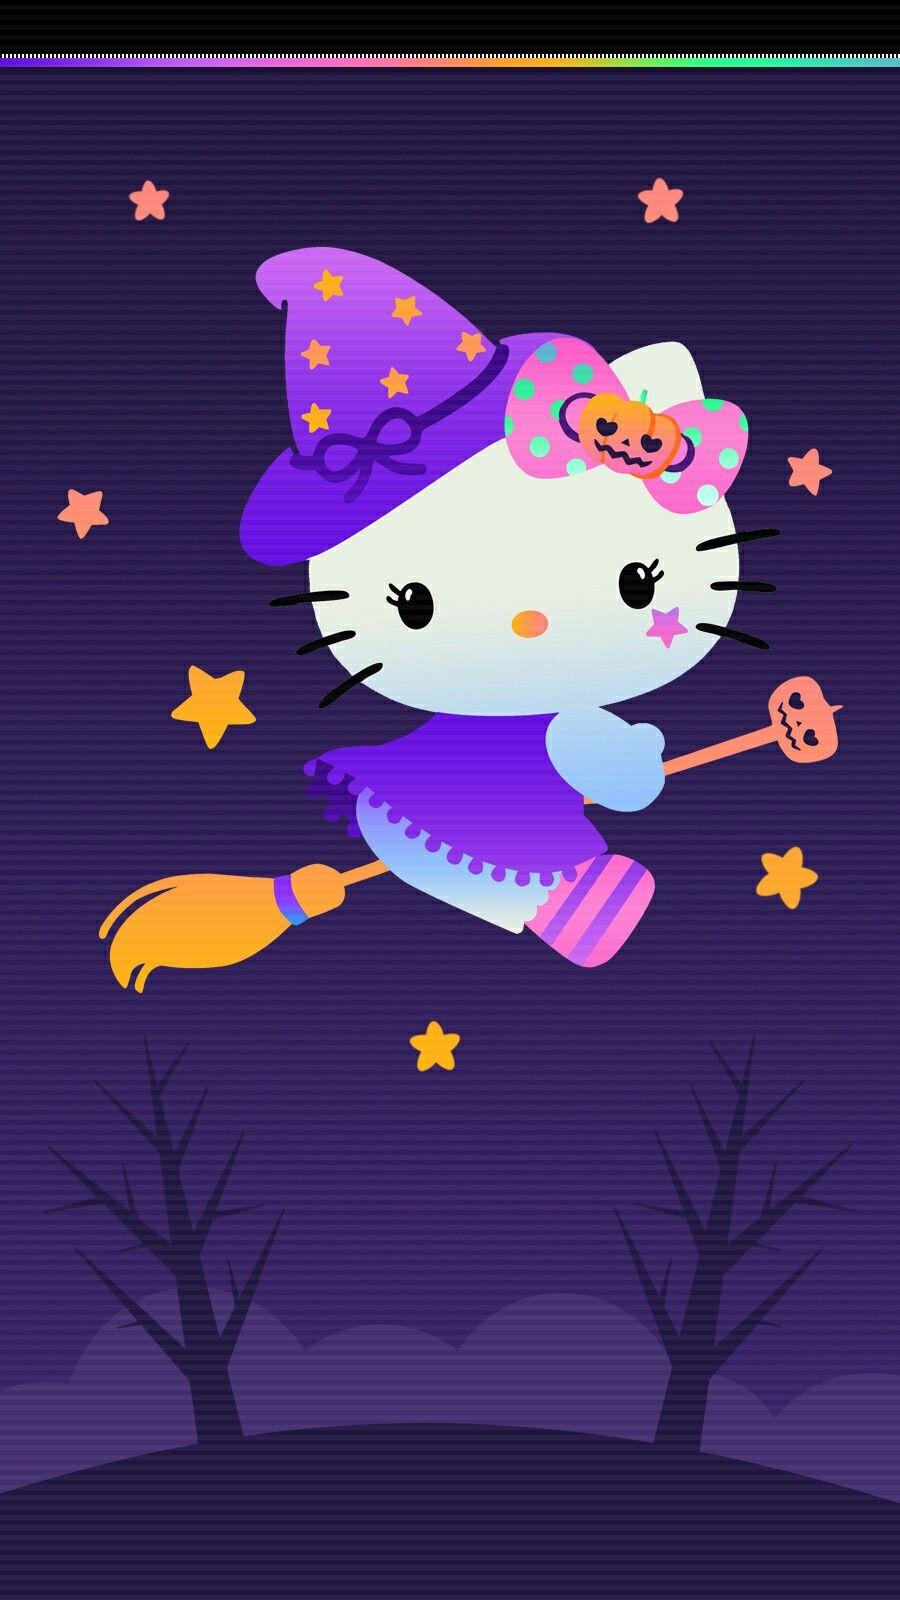 Hello Kitty Halloween Wallpaper Iphone 2019 Hello Kitty Halloween Wallpaper Hello Kitty Backgrounds Hello Kitty Clipart